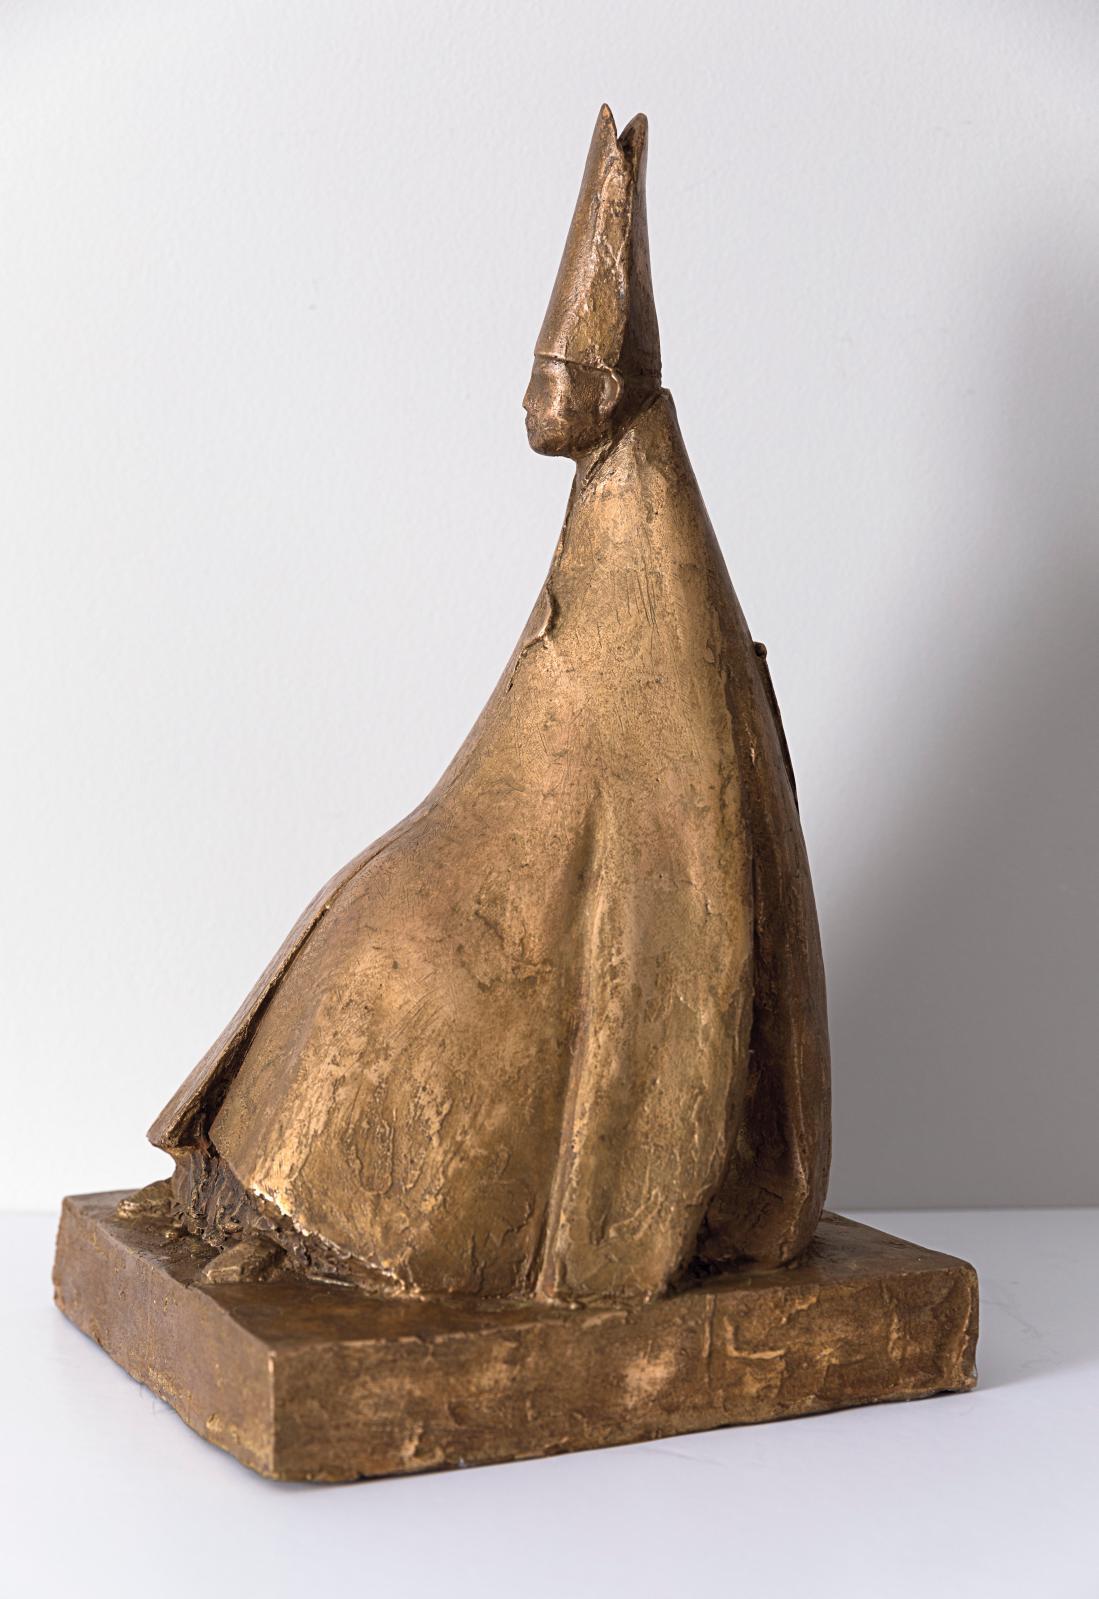 Giacomo Manzù (1908-1991), Cardinale seduto, 1972, bronze, 41x23x23,50cm. © Rosenberg & Co